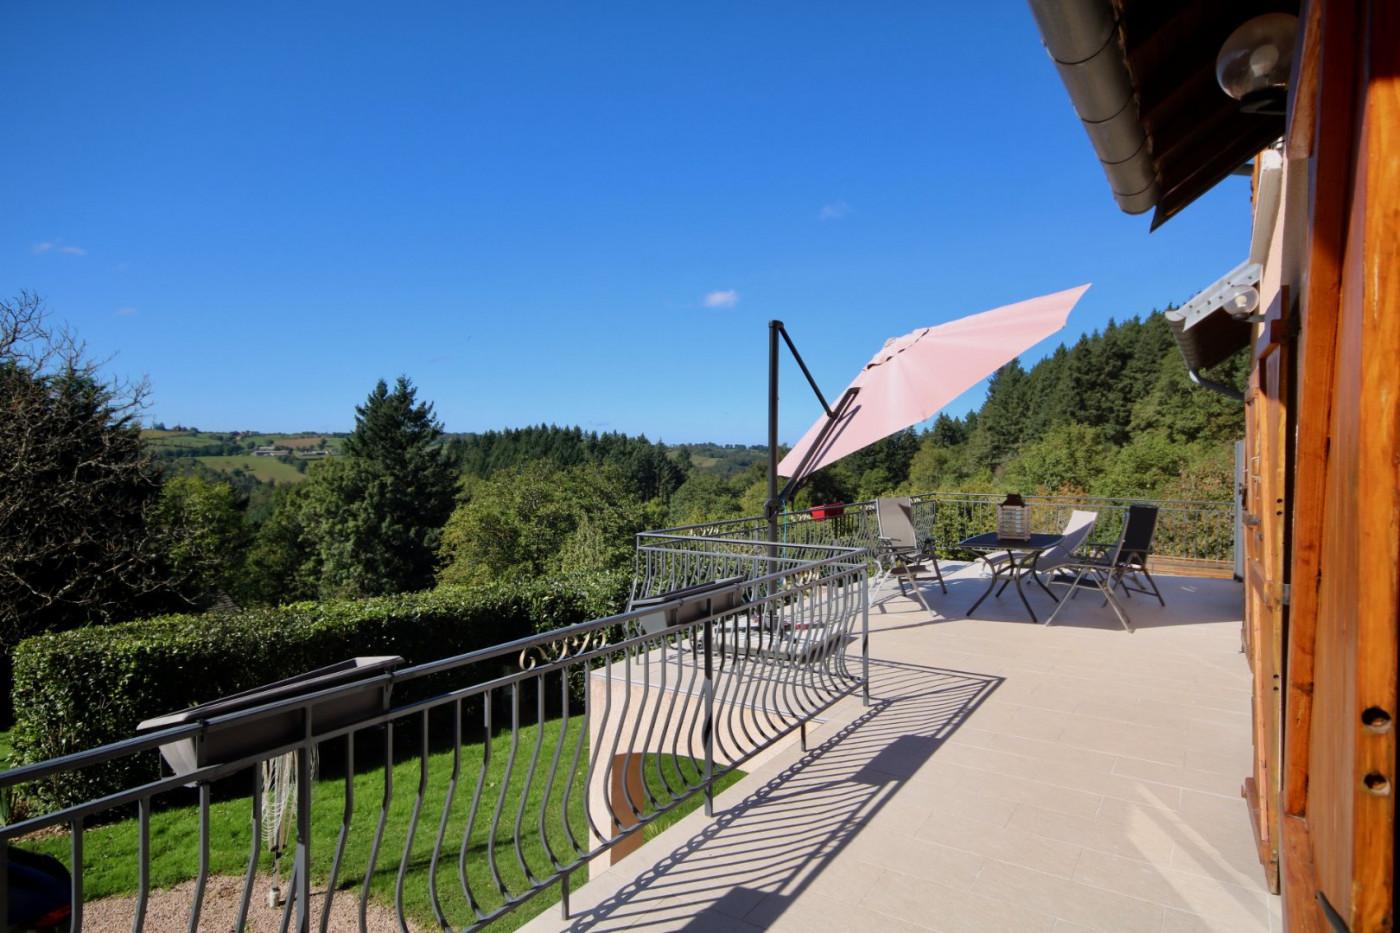 A vendre  Chatel Montagne | Réf 03007855 - Auvergne properties